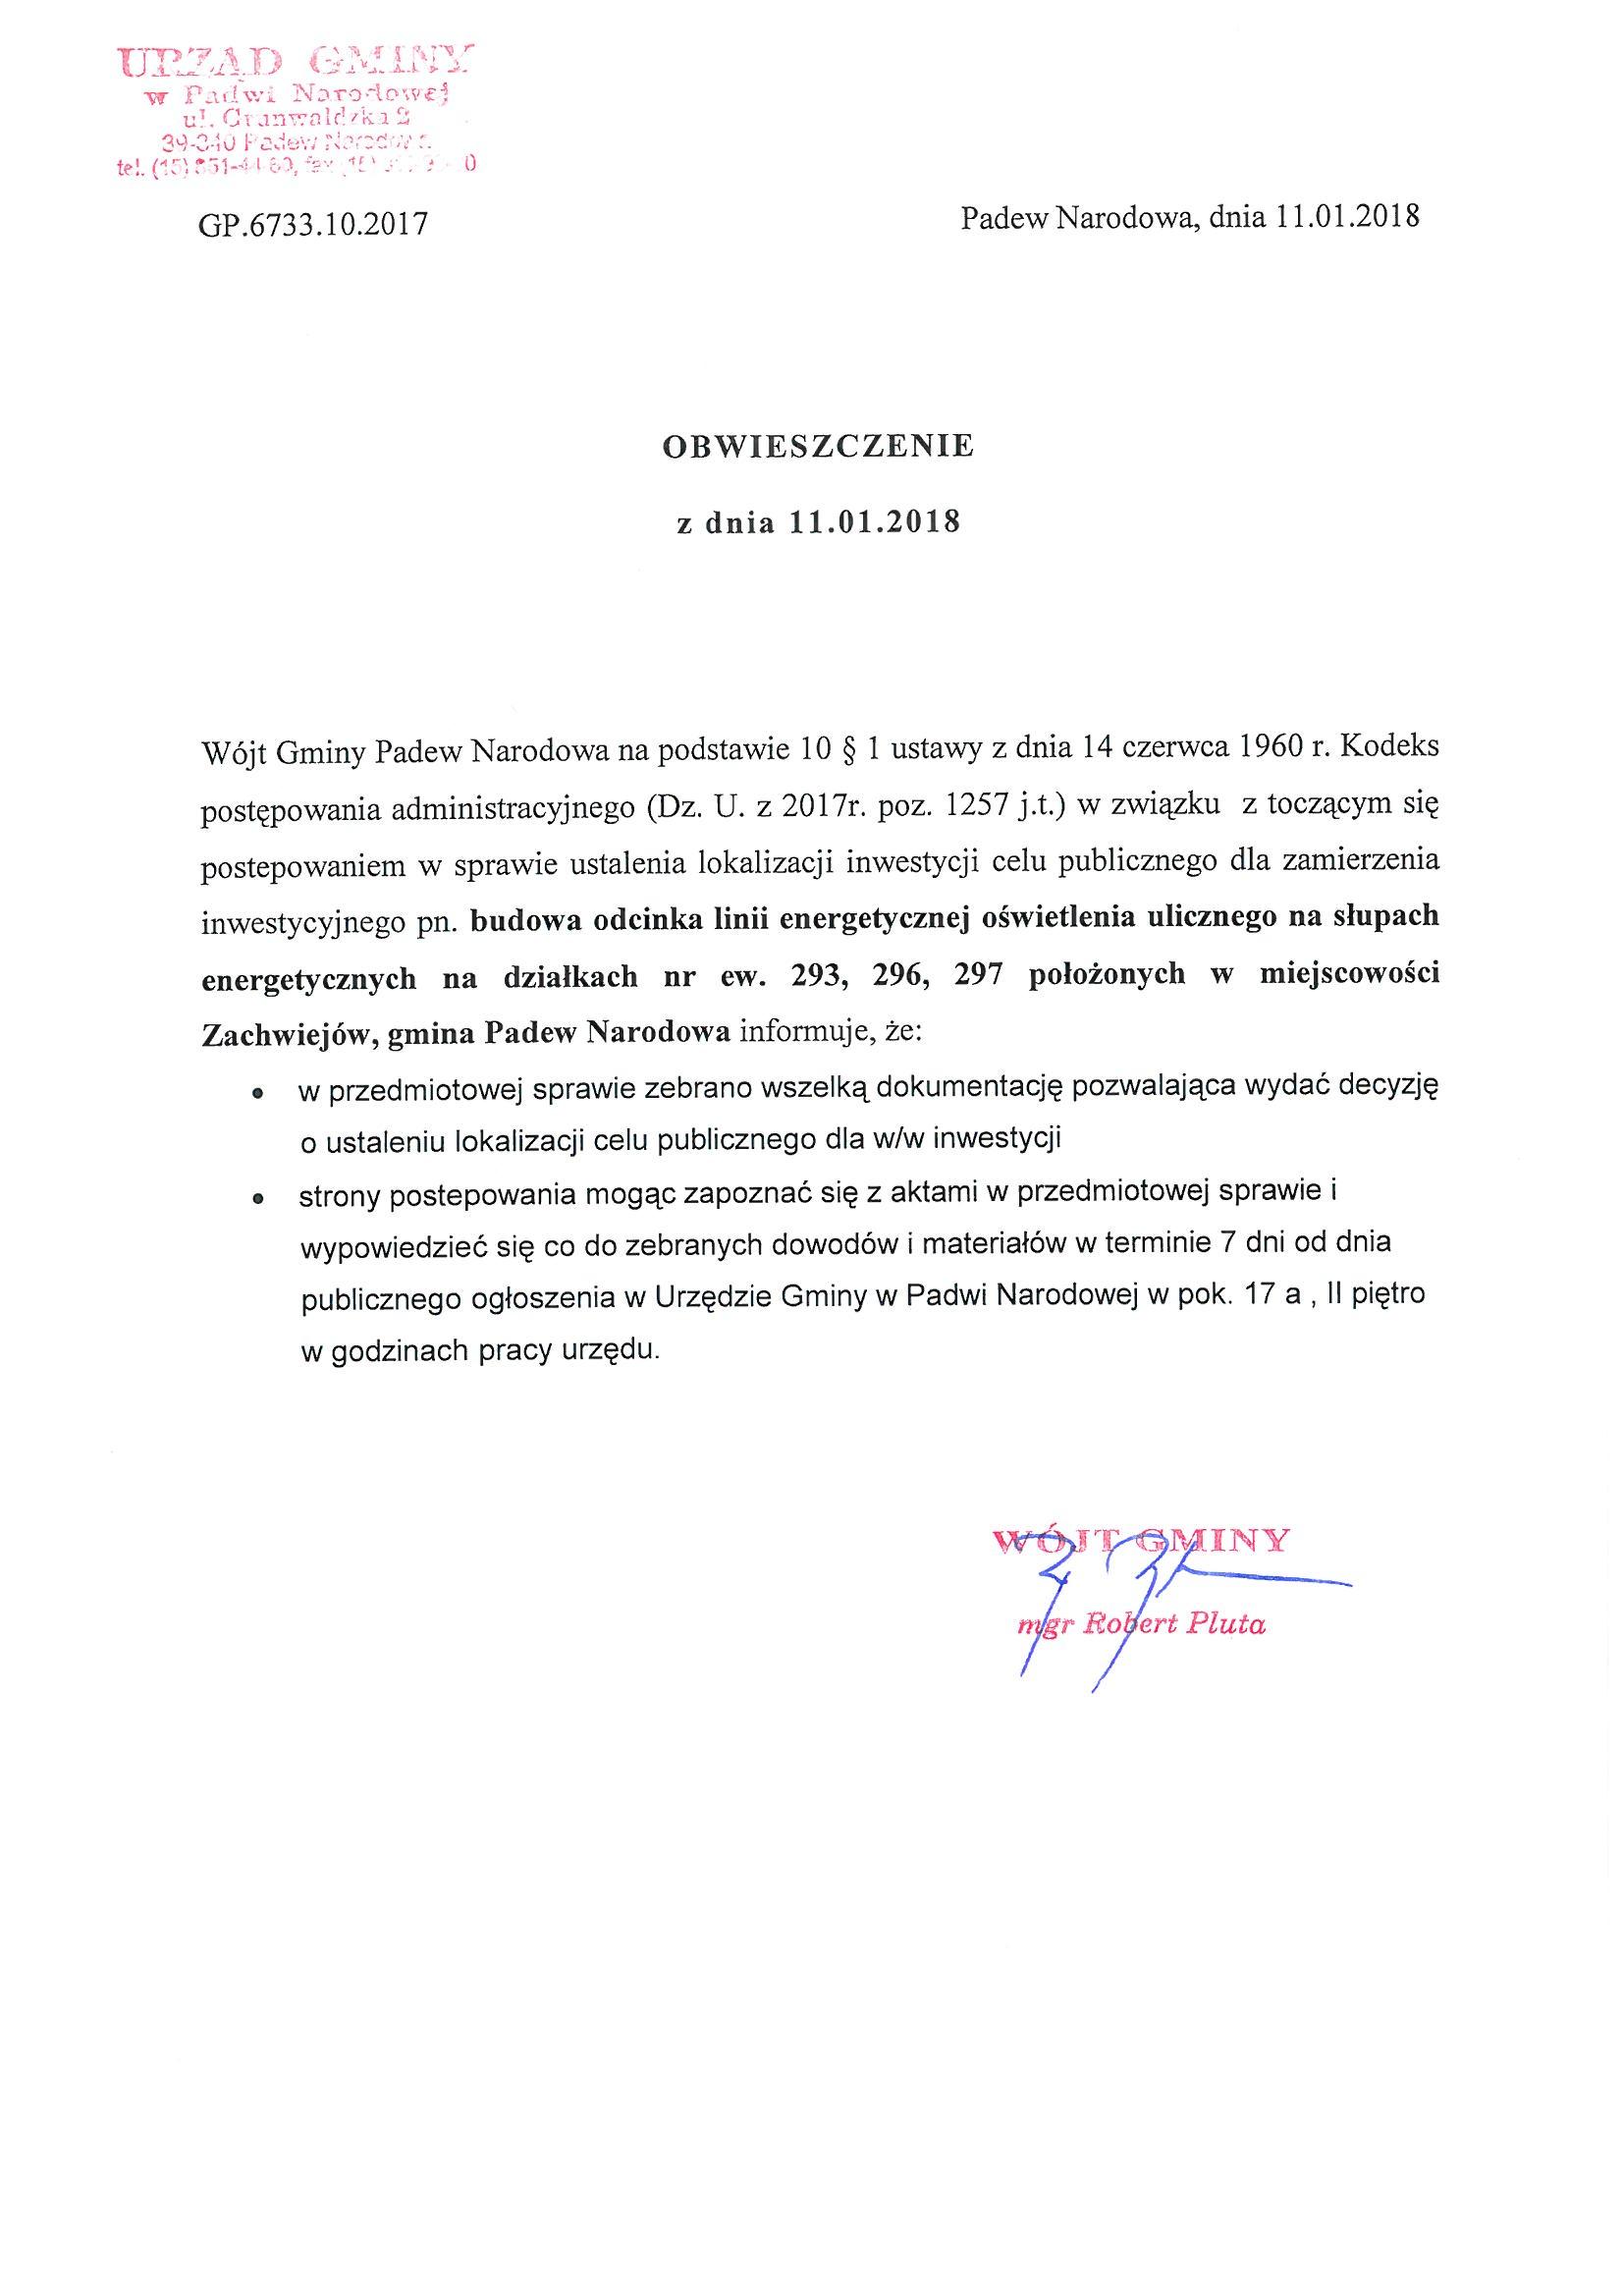 ---- 2018.01.12_obwieszczenie_zgromadzenie_pełna_dok_cmentarz.jpg